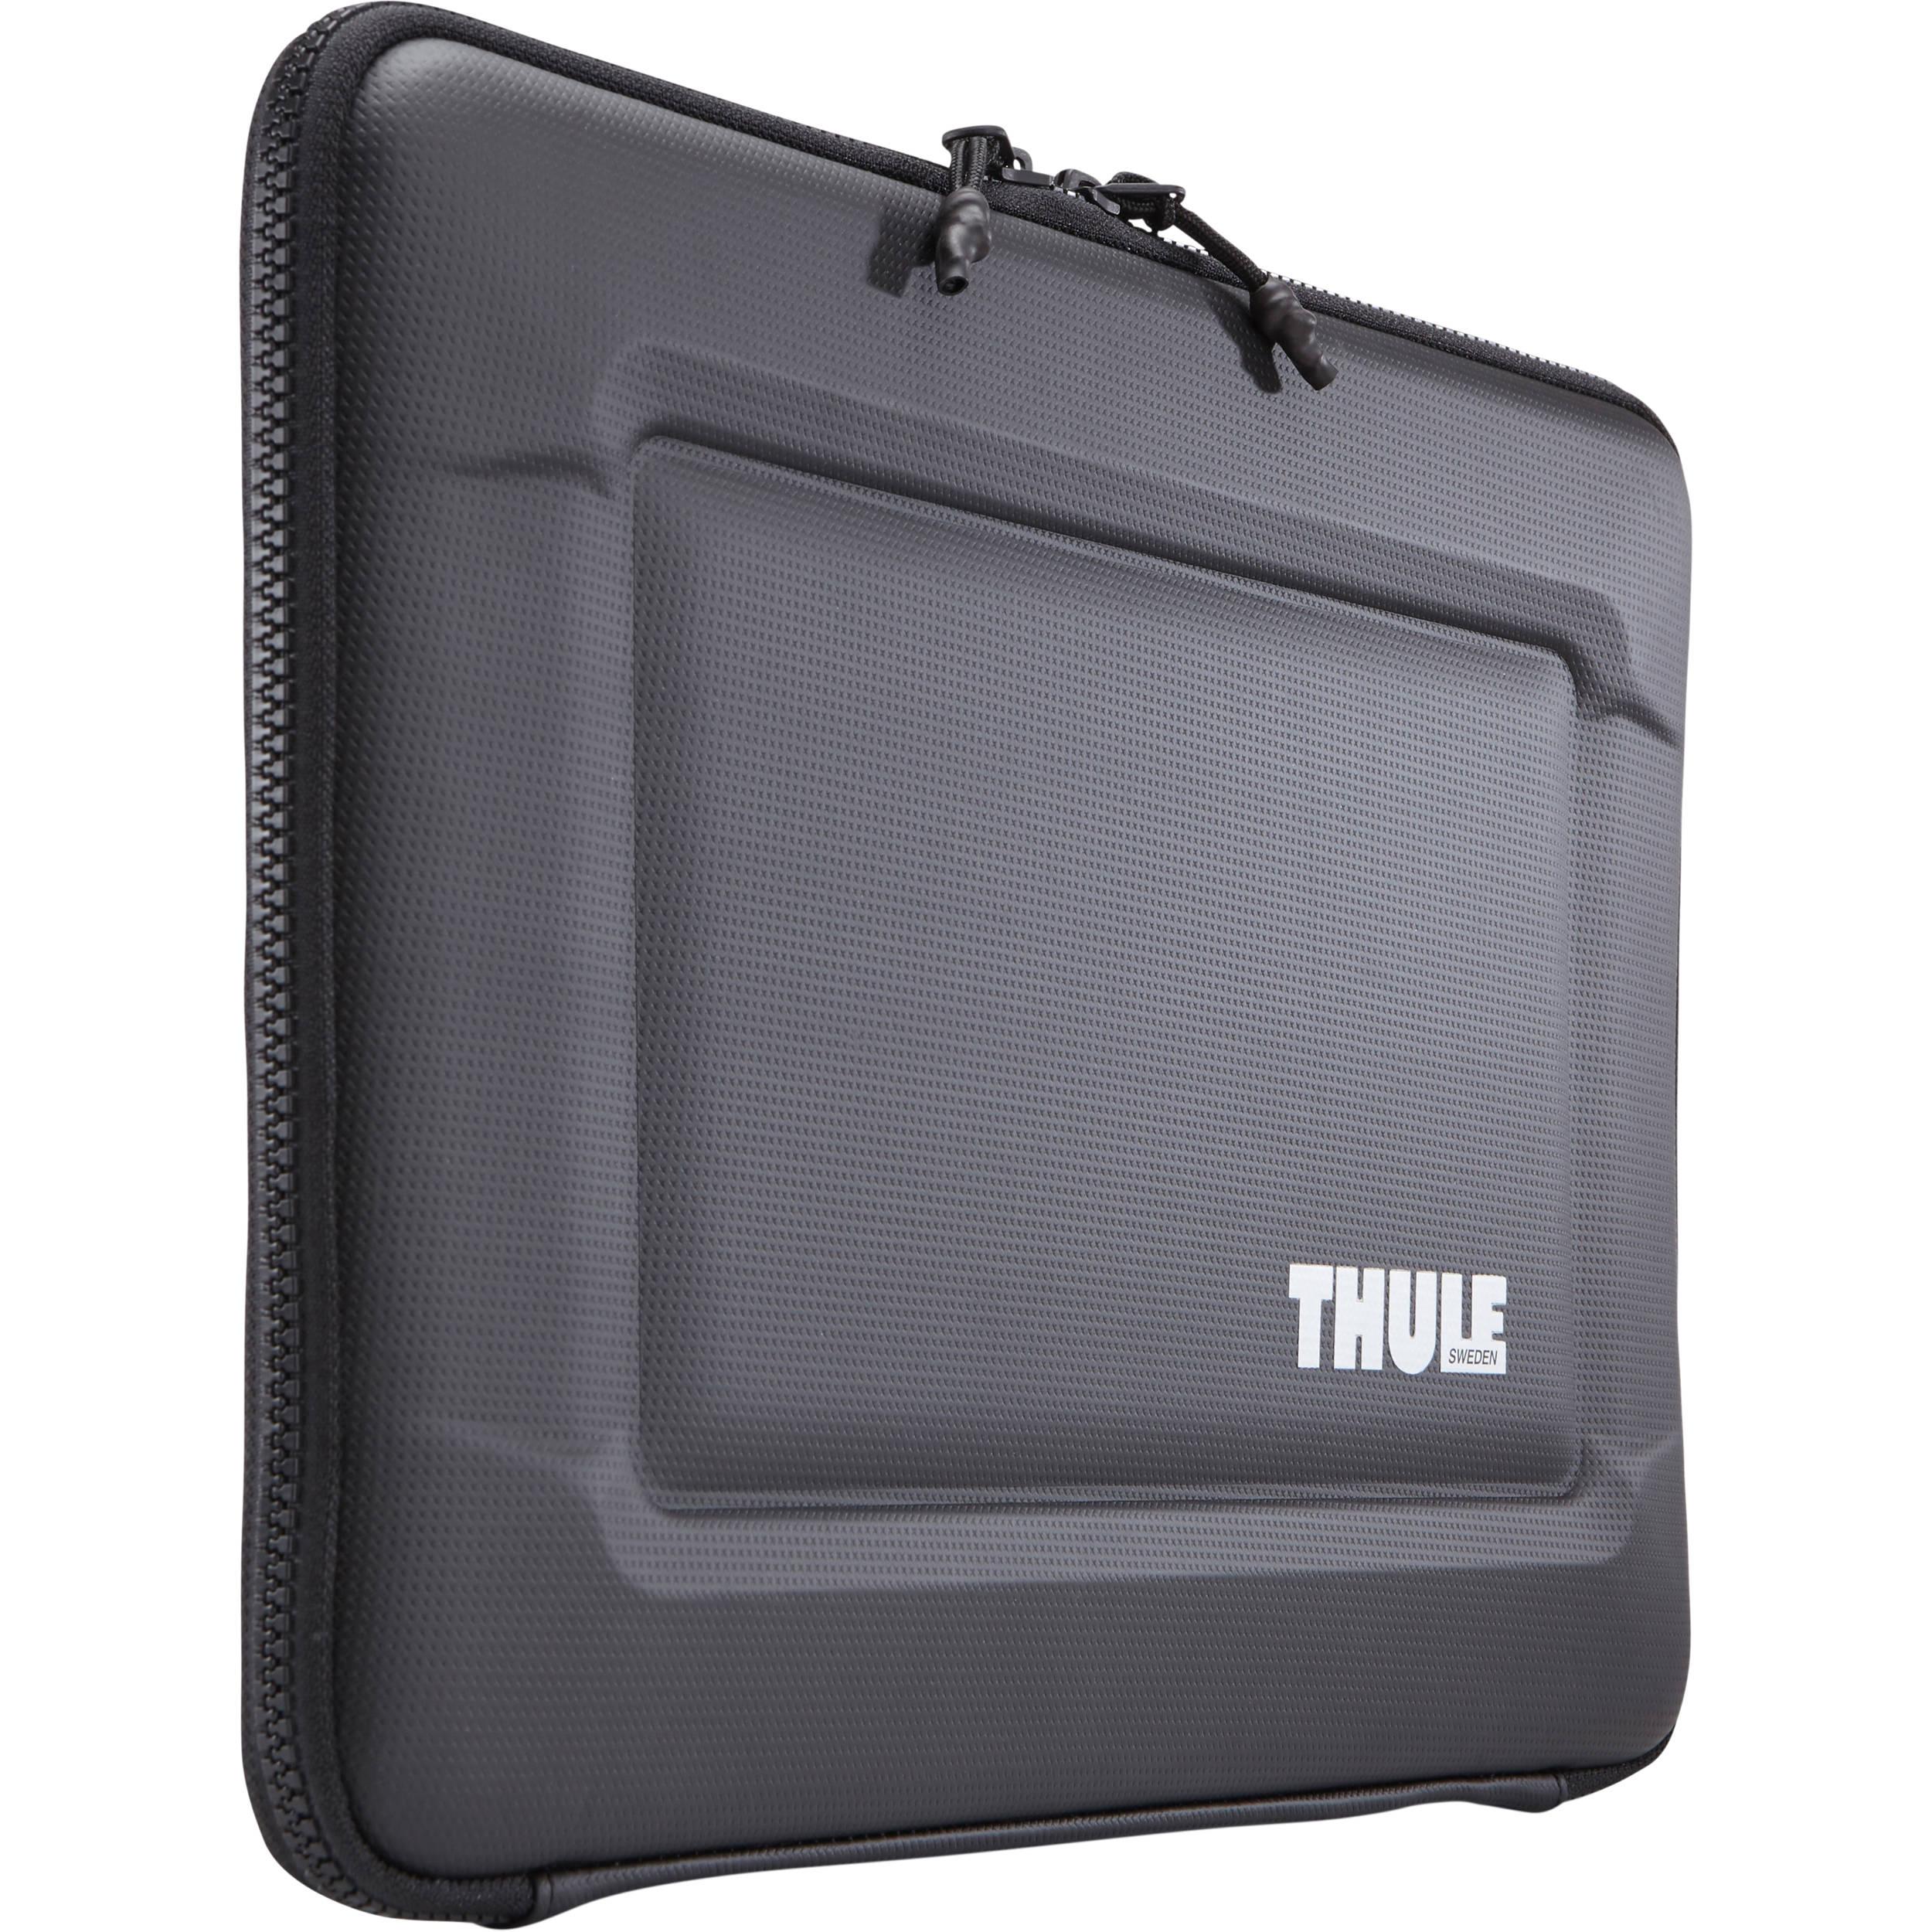 Macbook pro with retina display cases macbook pro retina cases - Thule Gauntlet 3 0 Sleeve For 15 Macbook Pro Retina Black